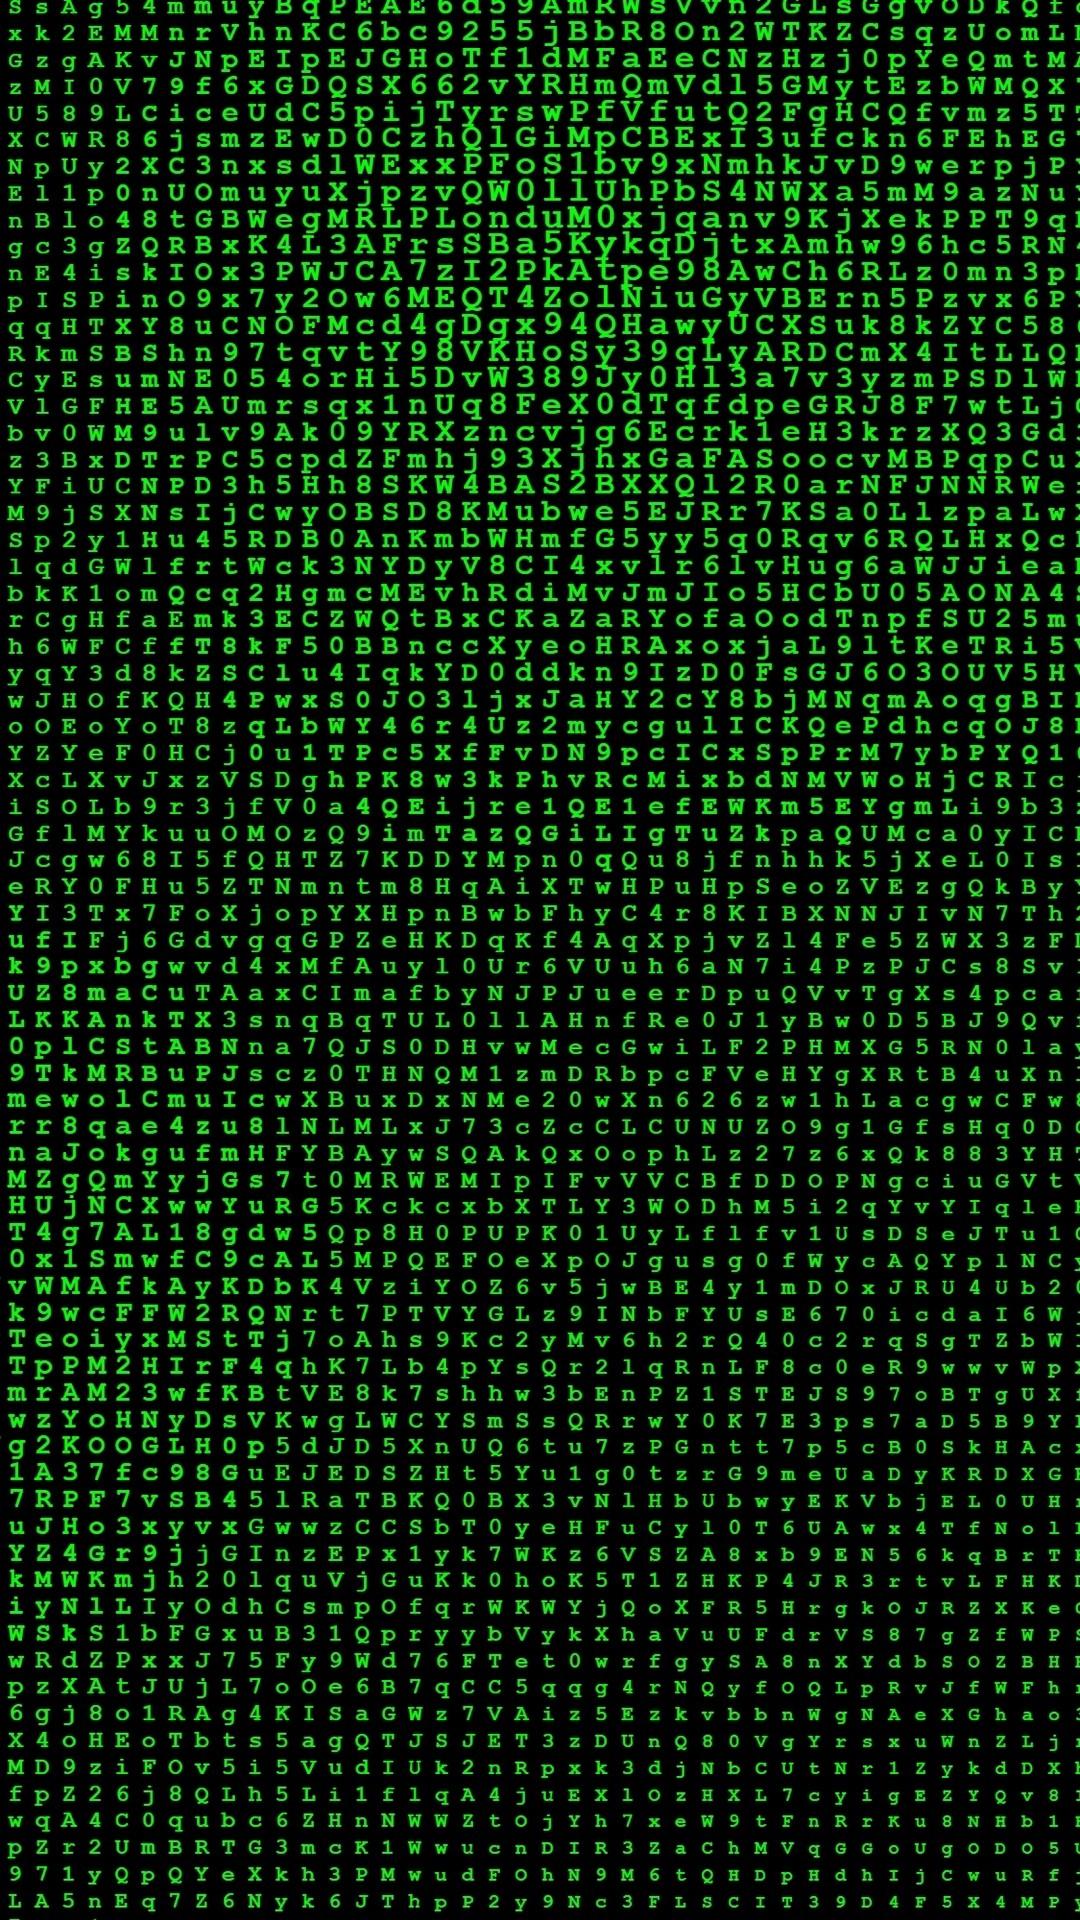 Matrix wallpaper